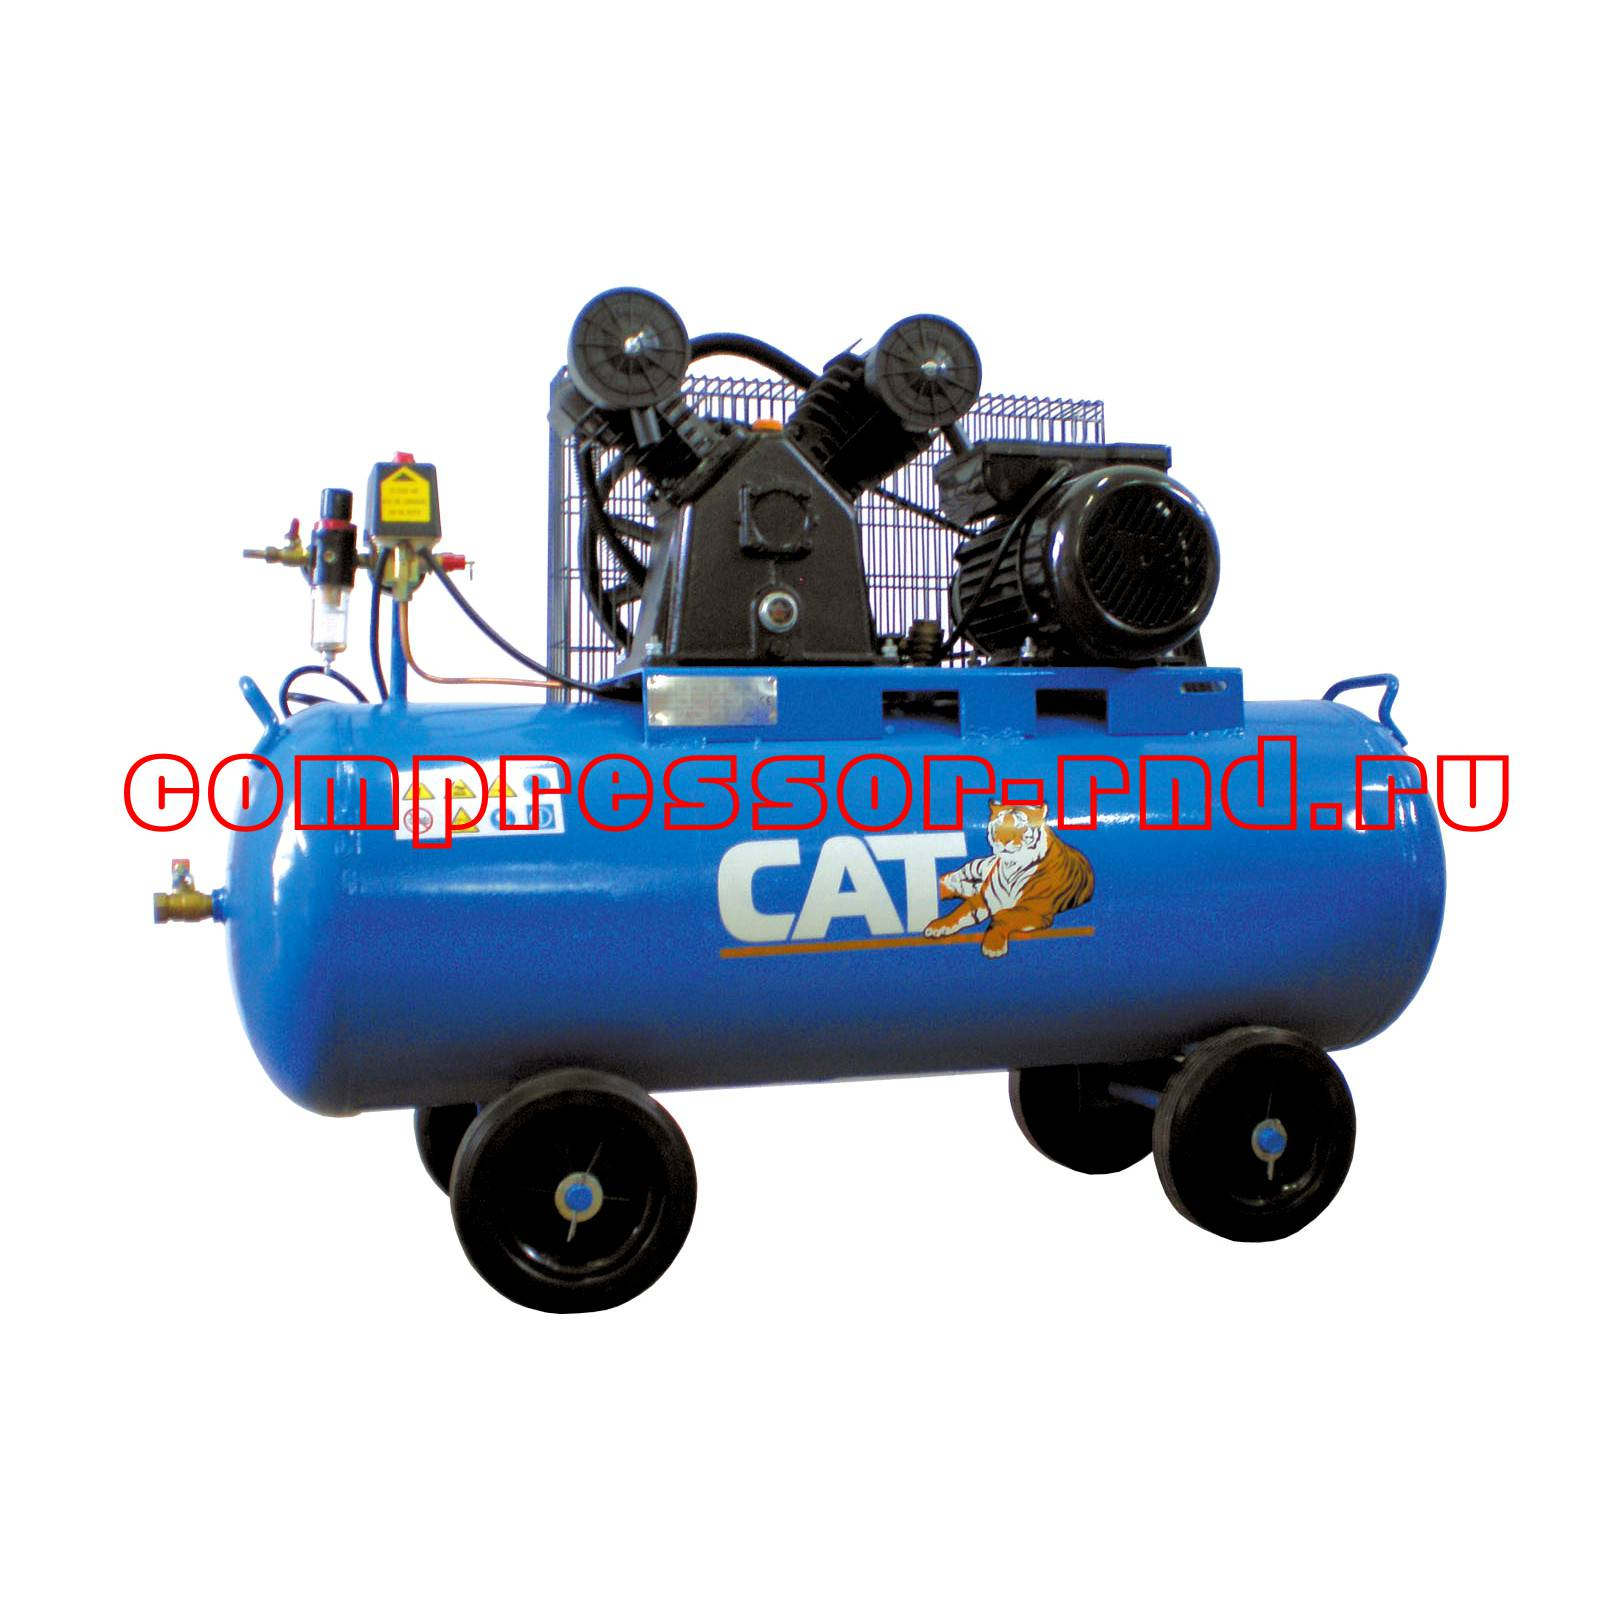 Поршневой компрессор CAT V80-200